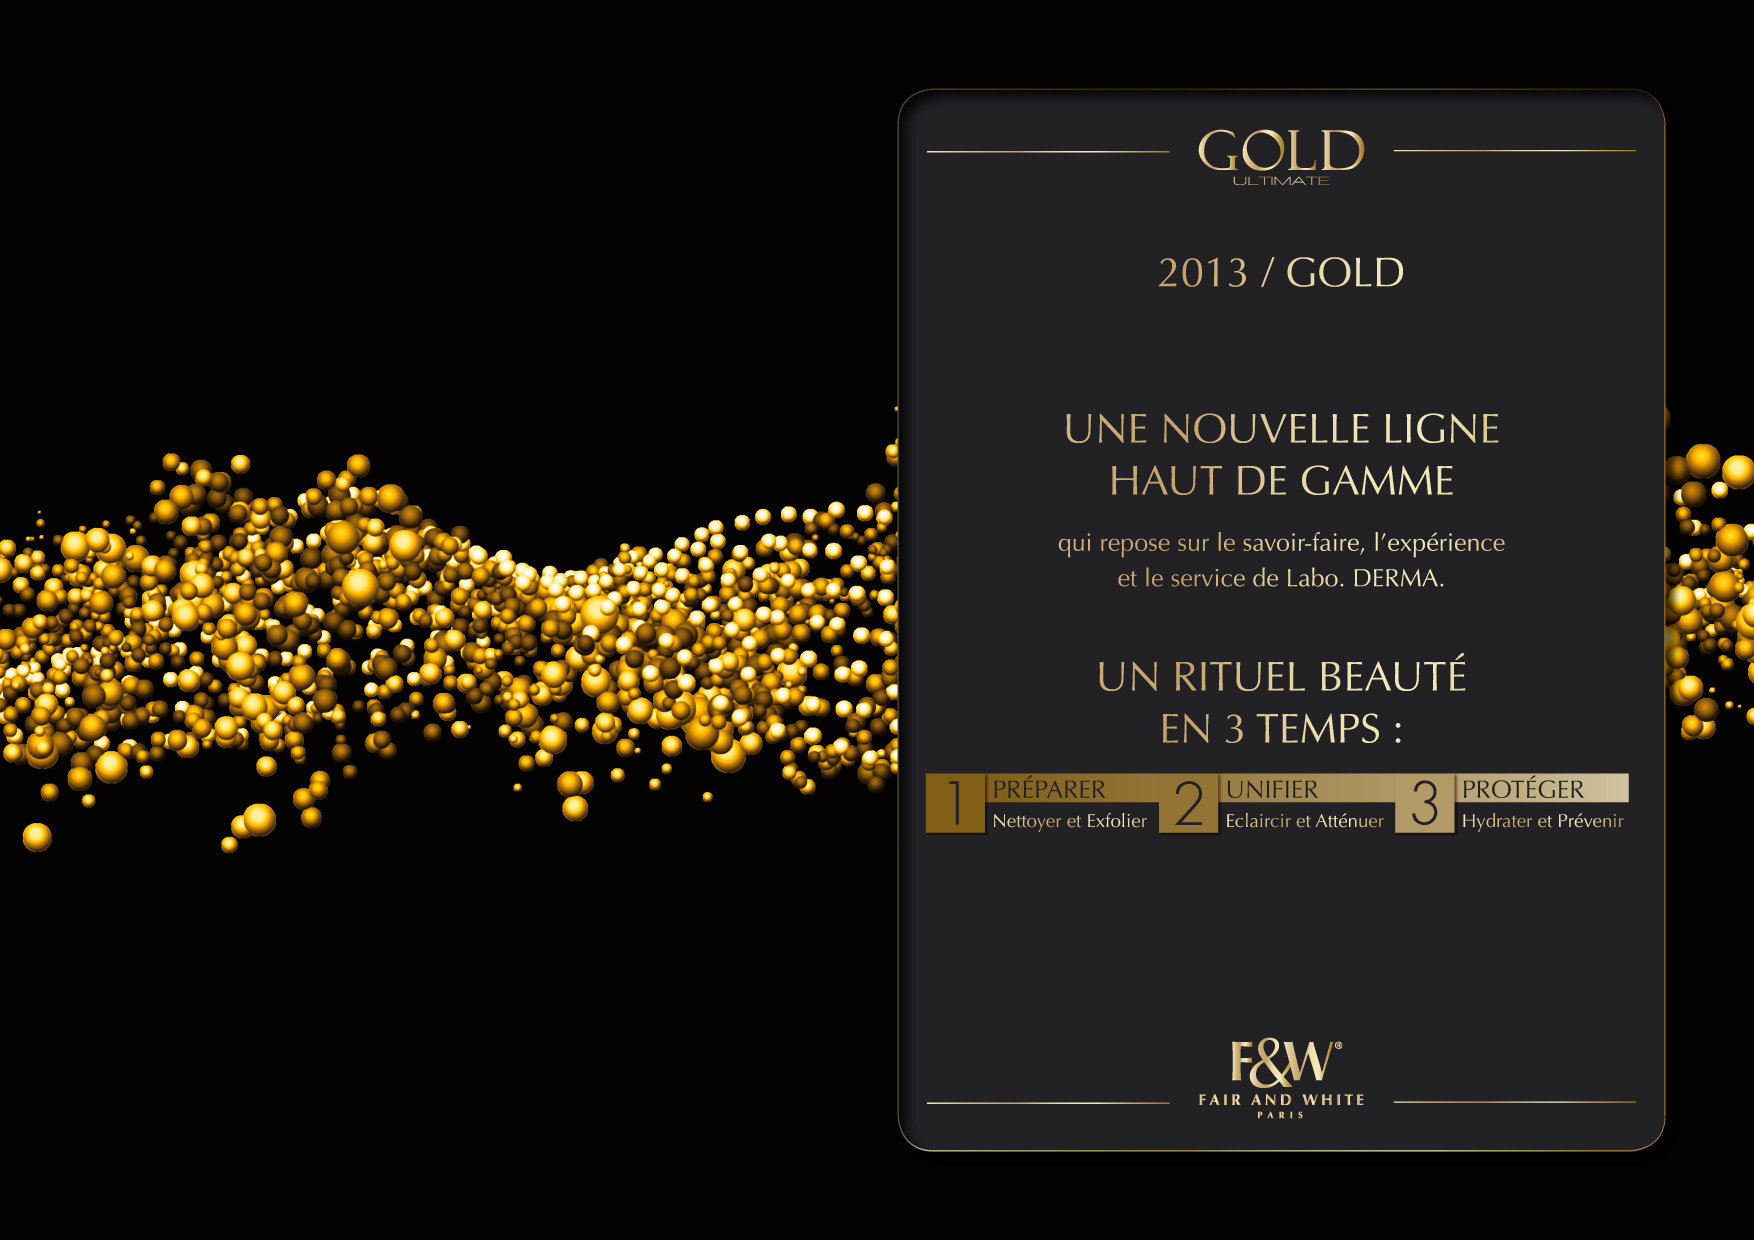 """<font color=""""#aaa7a6"""">Gold : présentation de la gamme (5/20).</font>"""